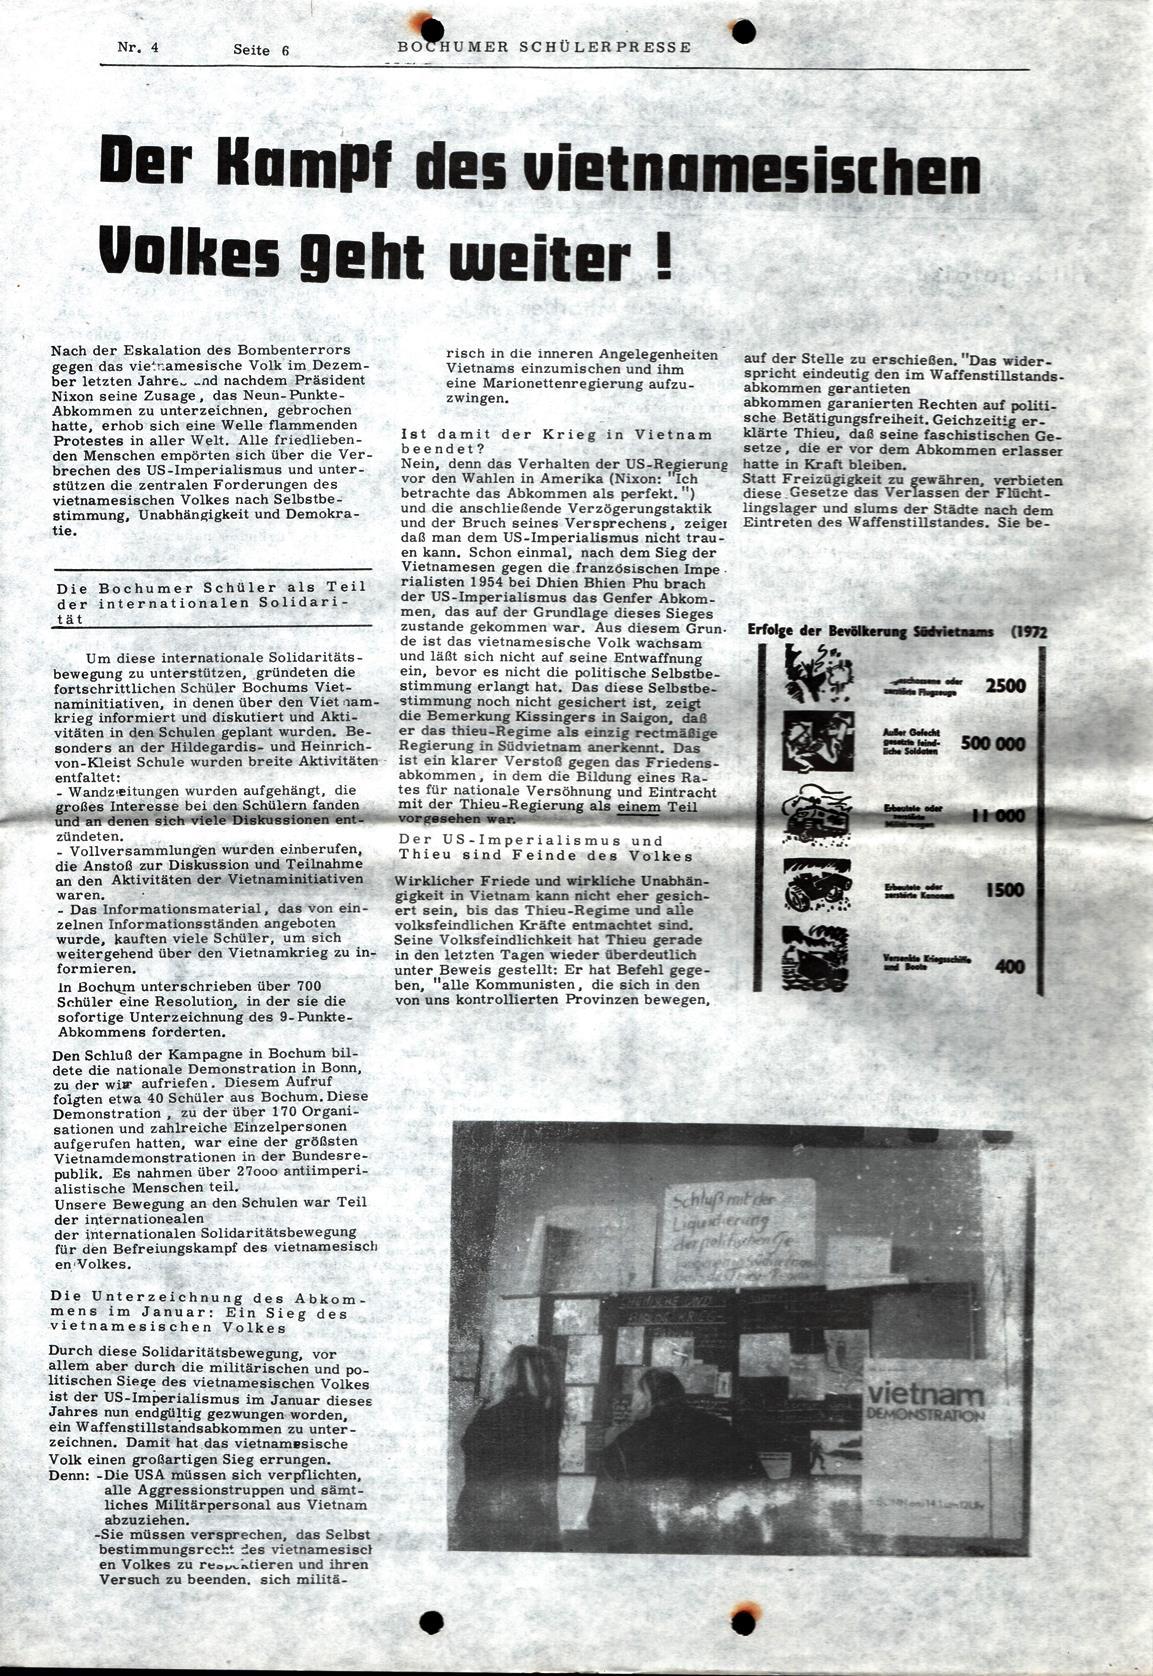 Bochumer_Schuelerpresse_19730200_006